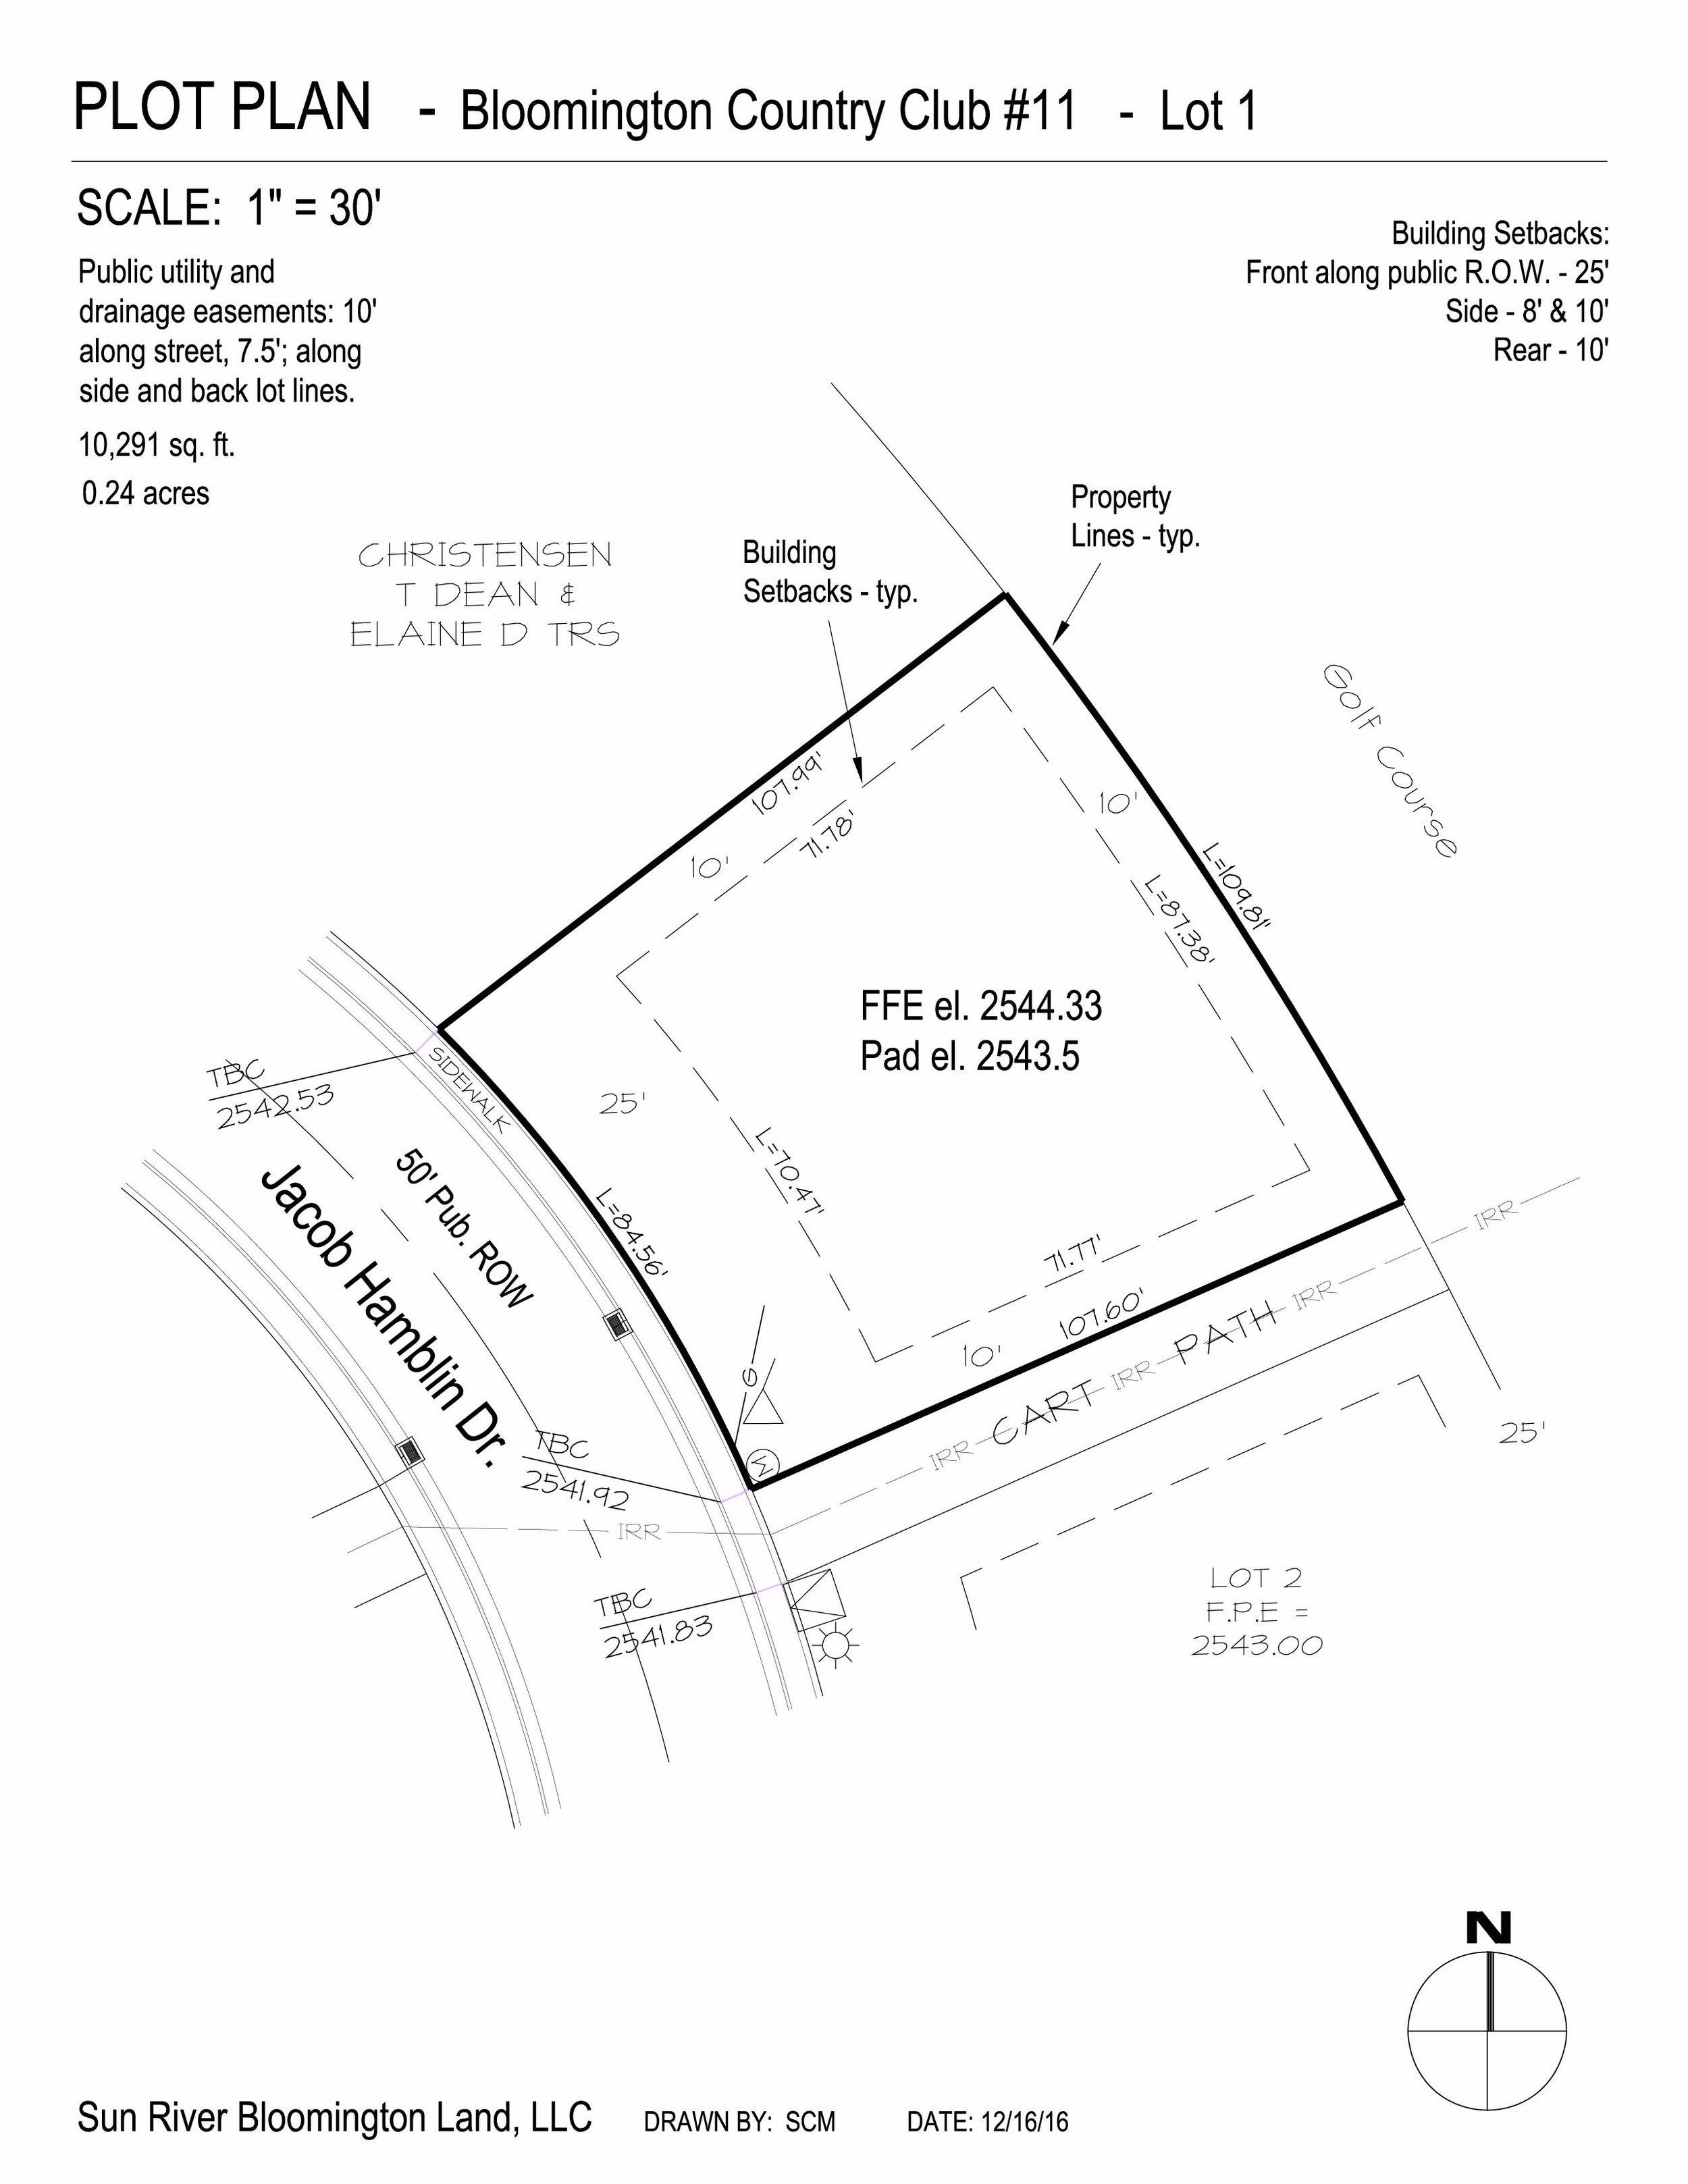 hamblin plot plans-01.jpg